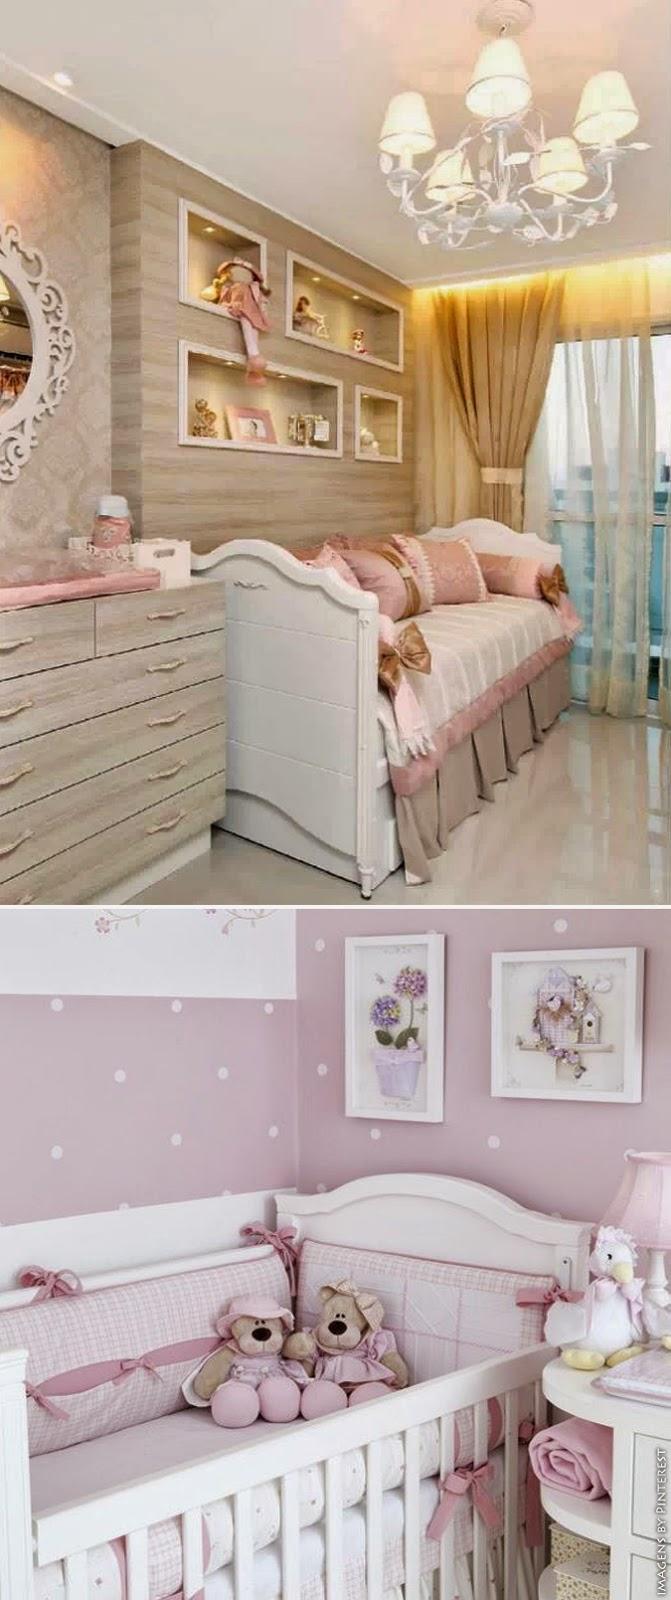 Blog da Jana, Joinville, Blog de acessórios, decoração, menina, baby, decor, Quarto de menina